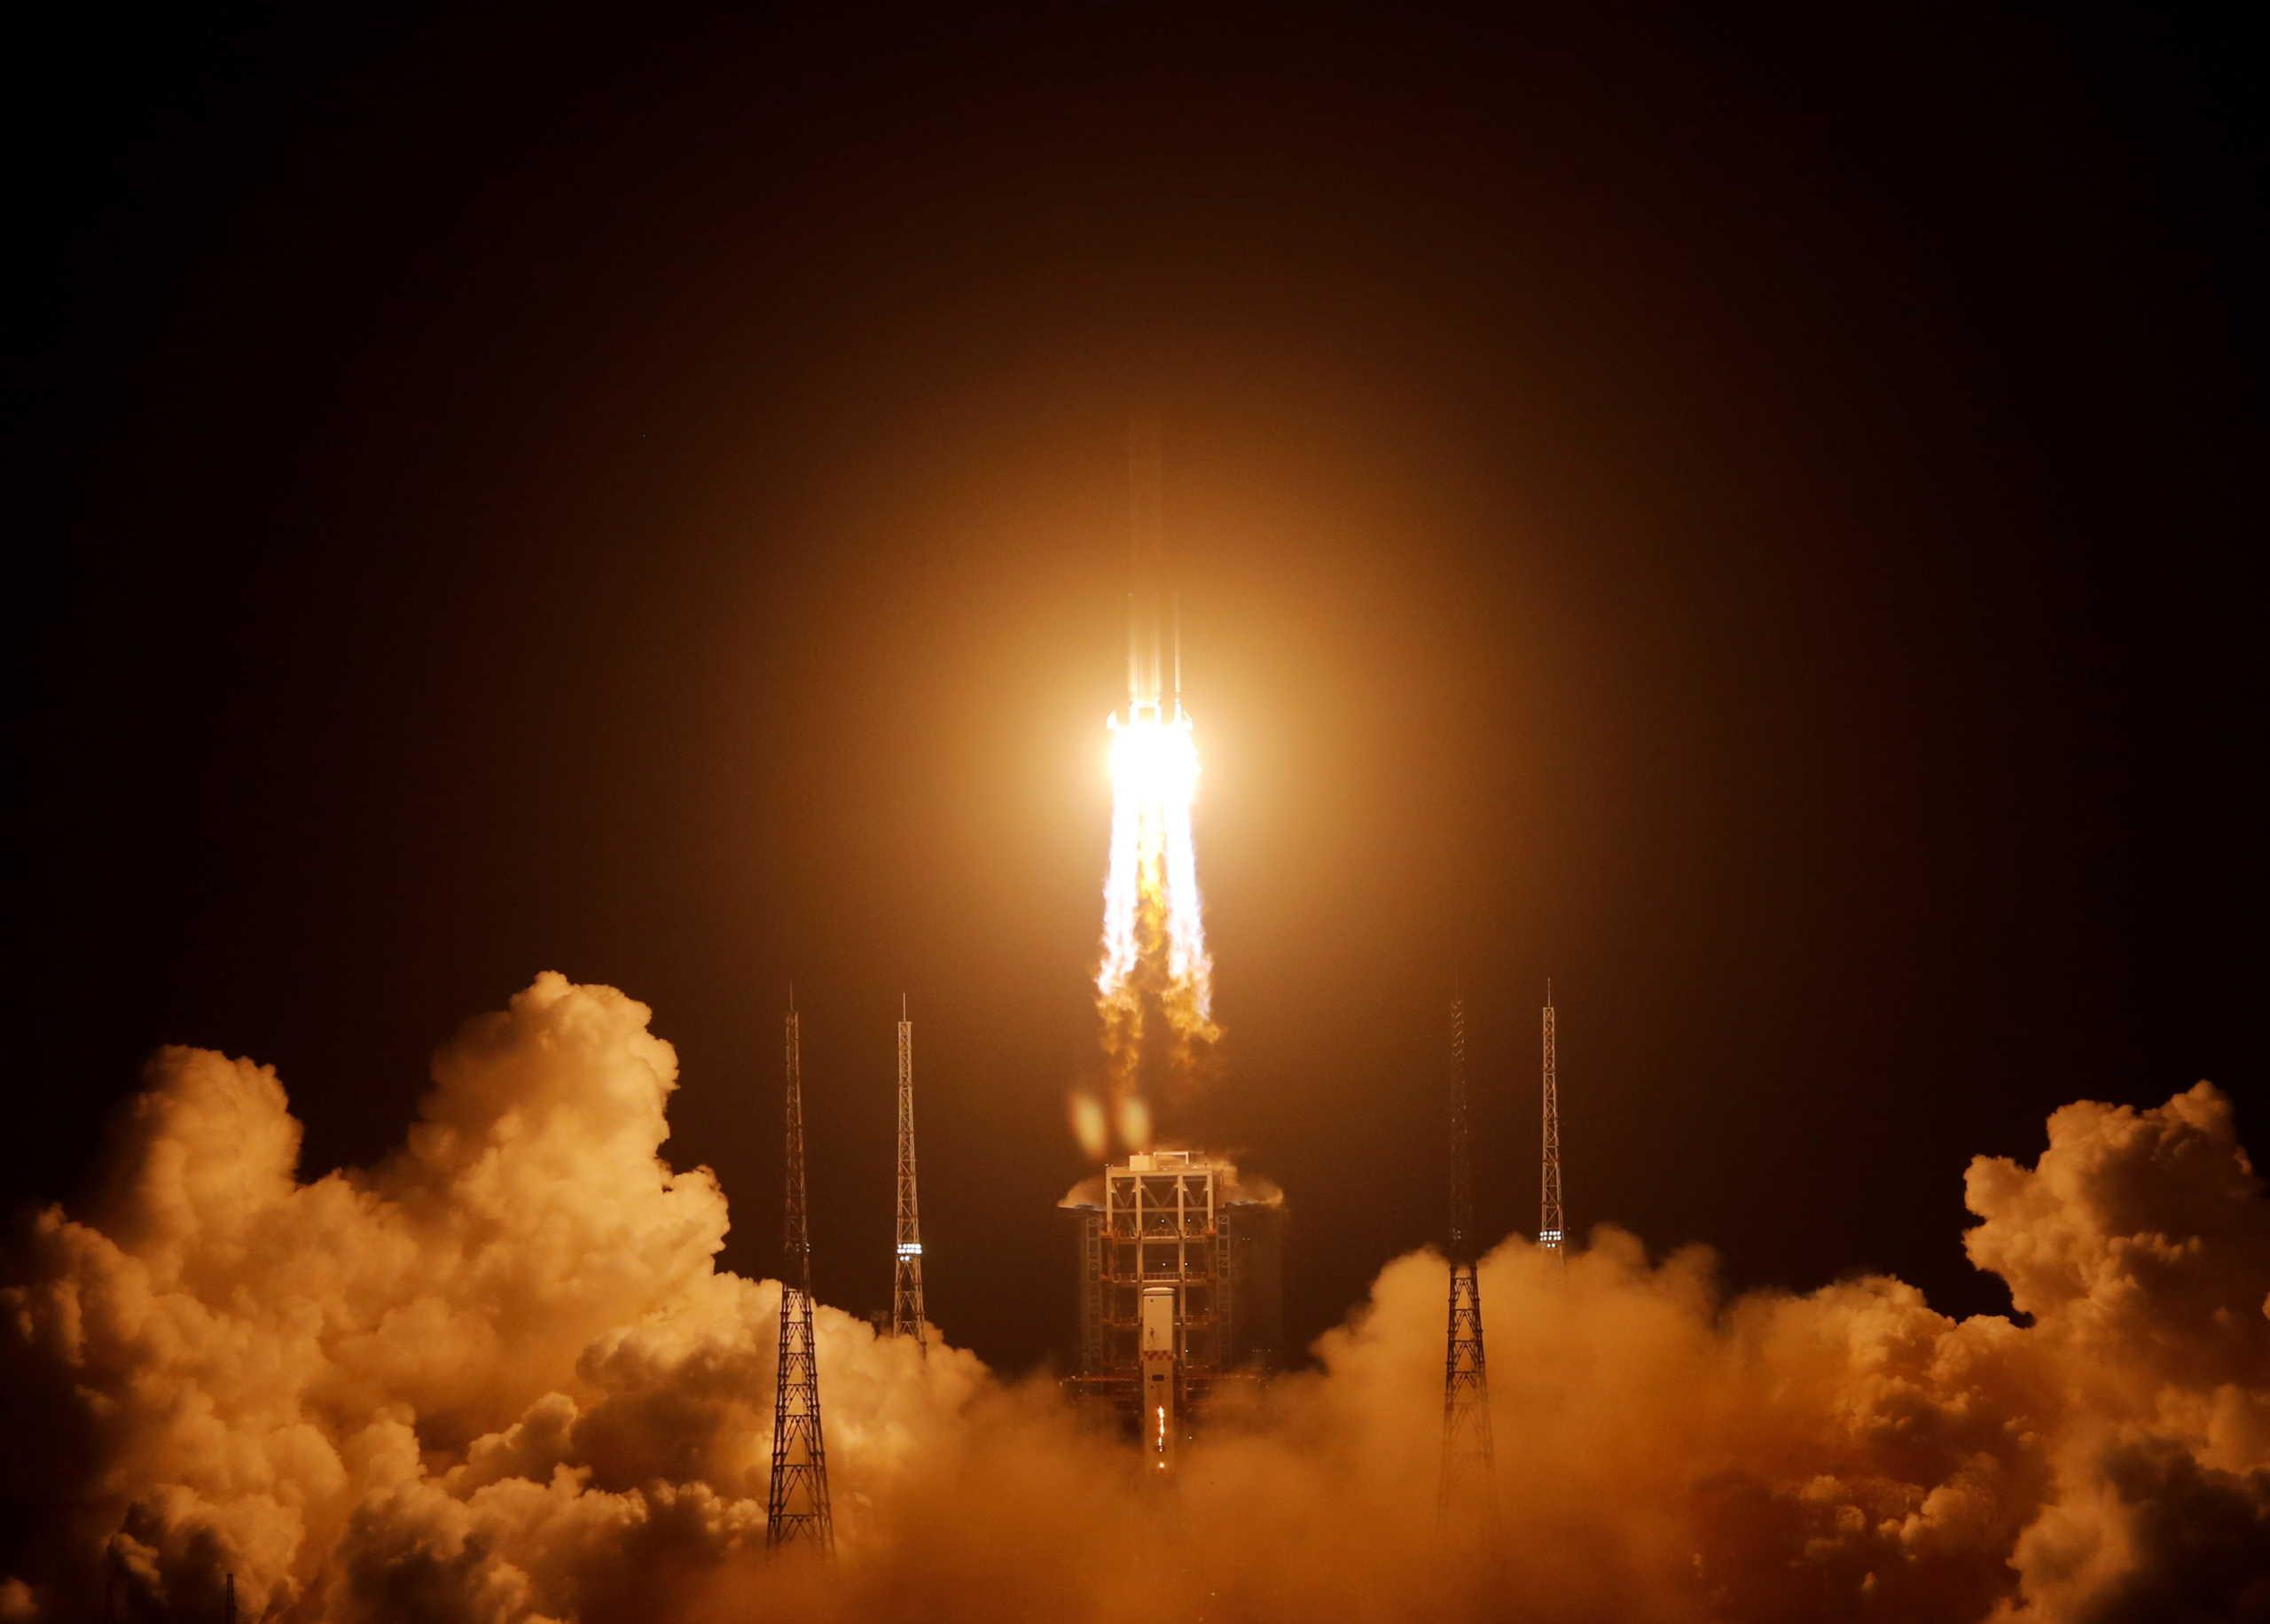 Εκτοξεύτηκε ο πύραυλος που θα φέρει δείγματα από την Σελήνη μετά από 44 χρόνια